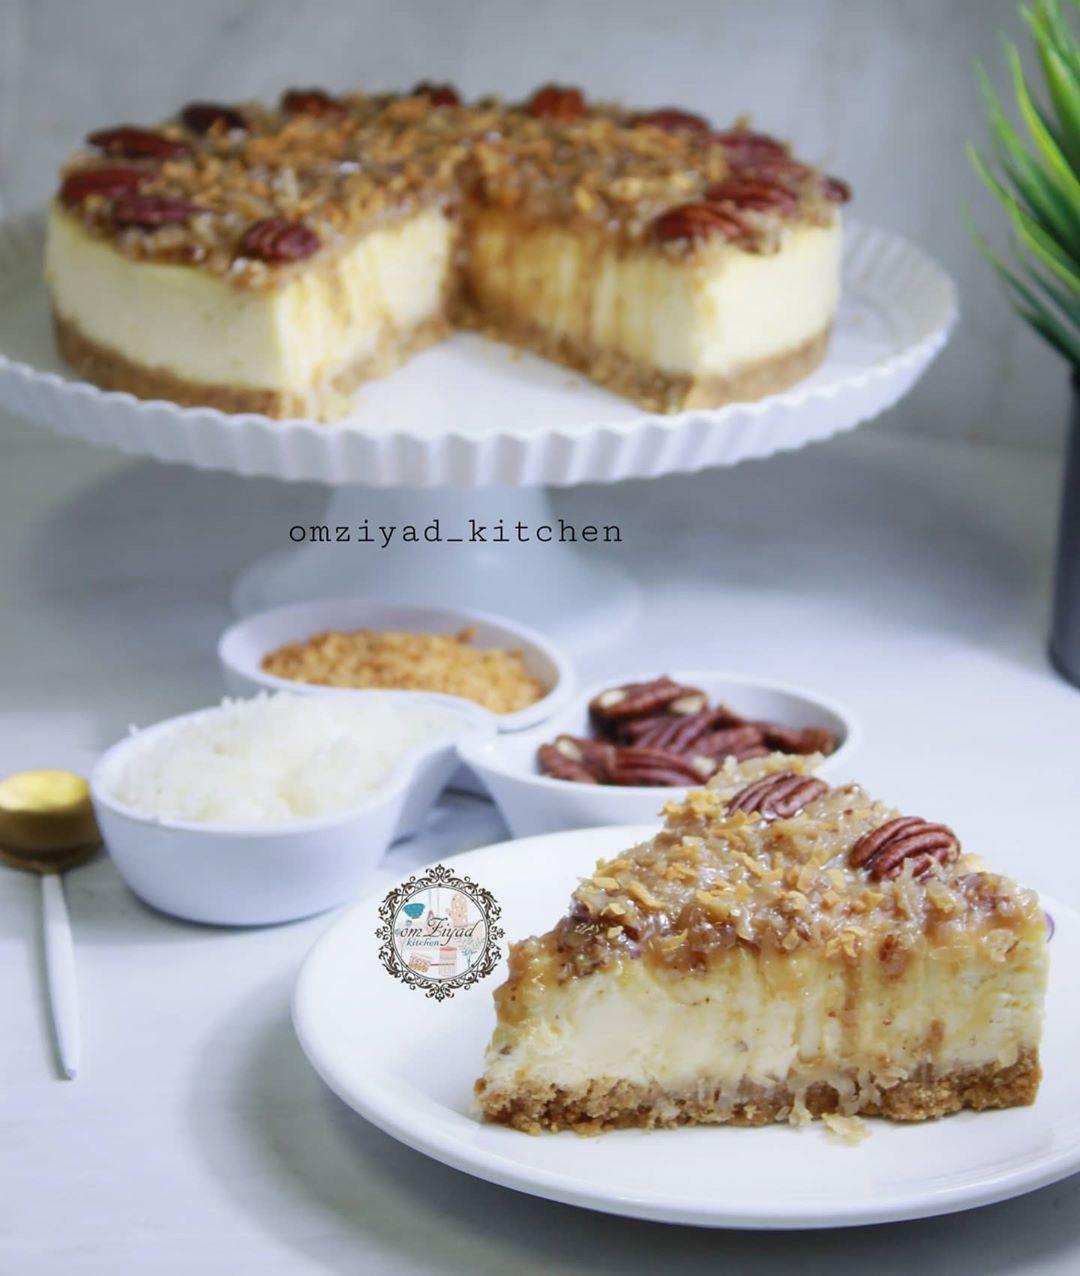 ام زياد On Instagram Omziyad Kitchen تشيز كيك جوز الهند والبيكان المقادير لطبقه البسكوت كوب وربع بسكوت دايجستف مطحون ناعم وربع ك Cheesecake Food Desserts